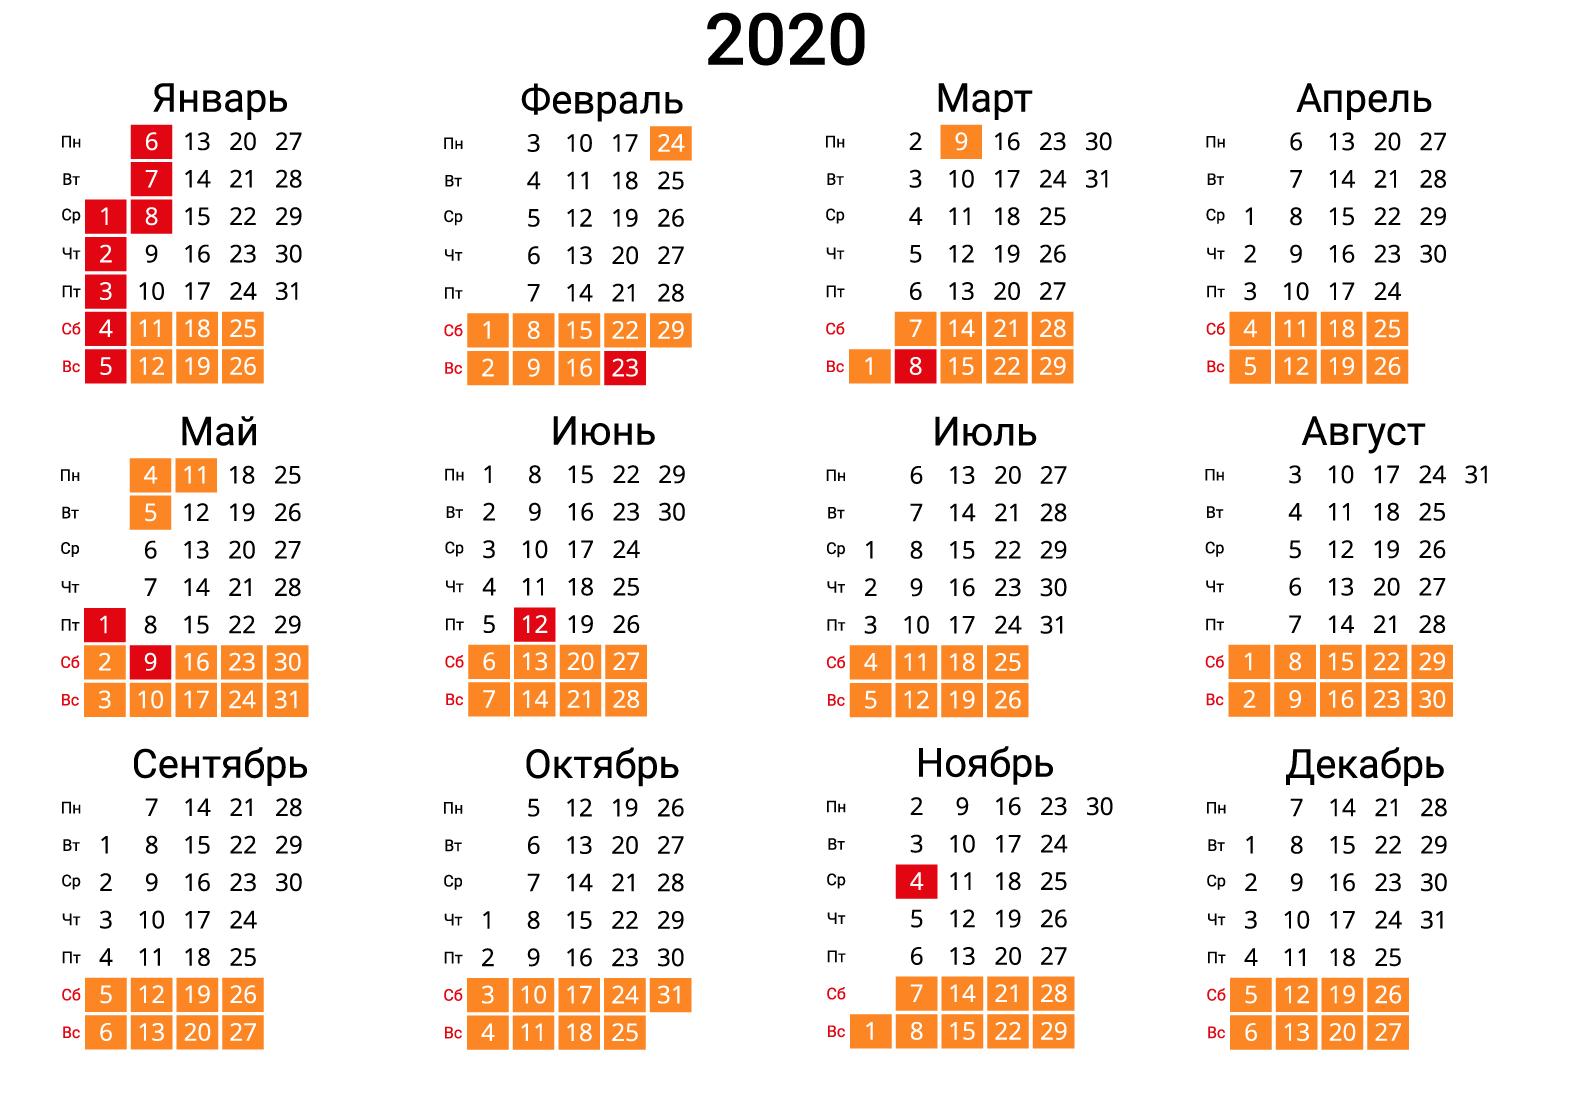 Календарь на 2020 год вертикальный